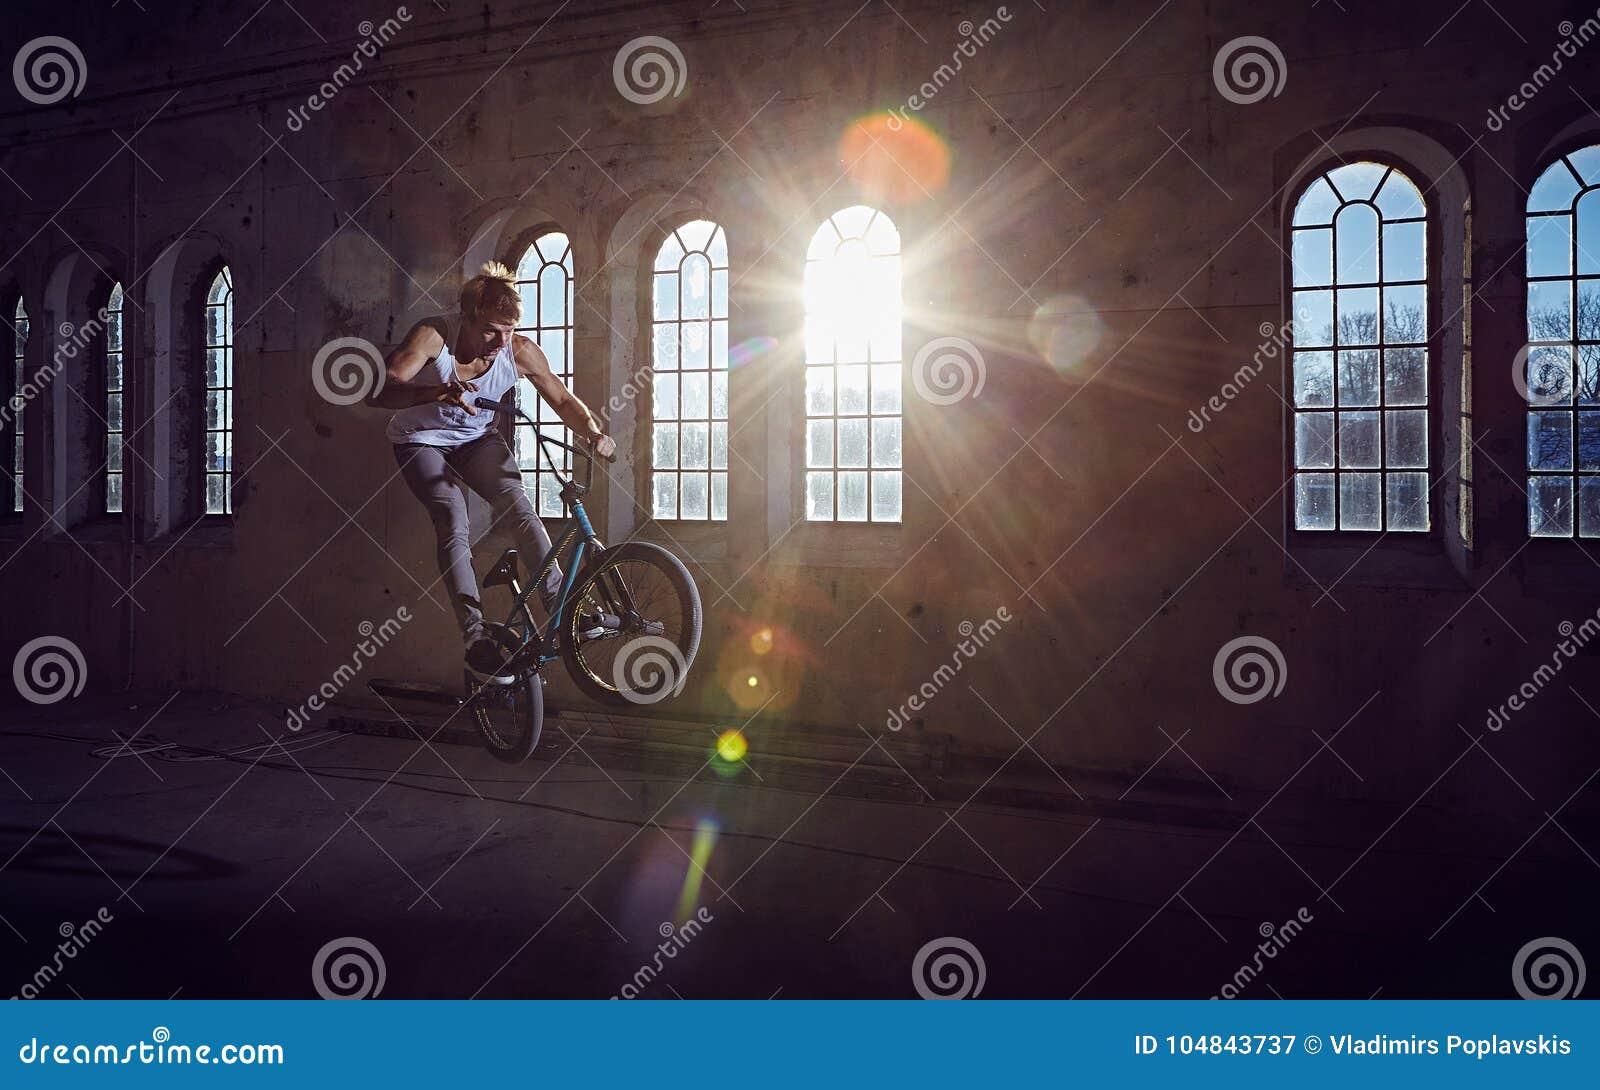 Download Acrobazia Di BMX E Guida Di Salto In Un Corridoio Con Luce Solare Immagine Stock - Immagine di corridoio, ricreazione: 104843737